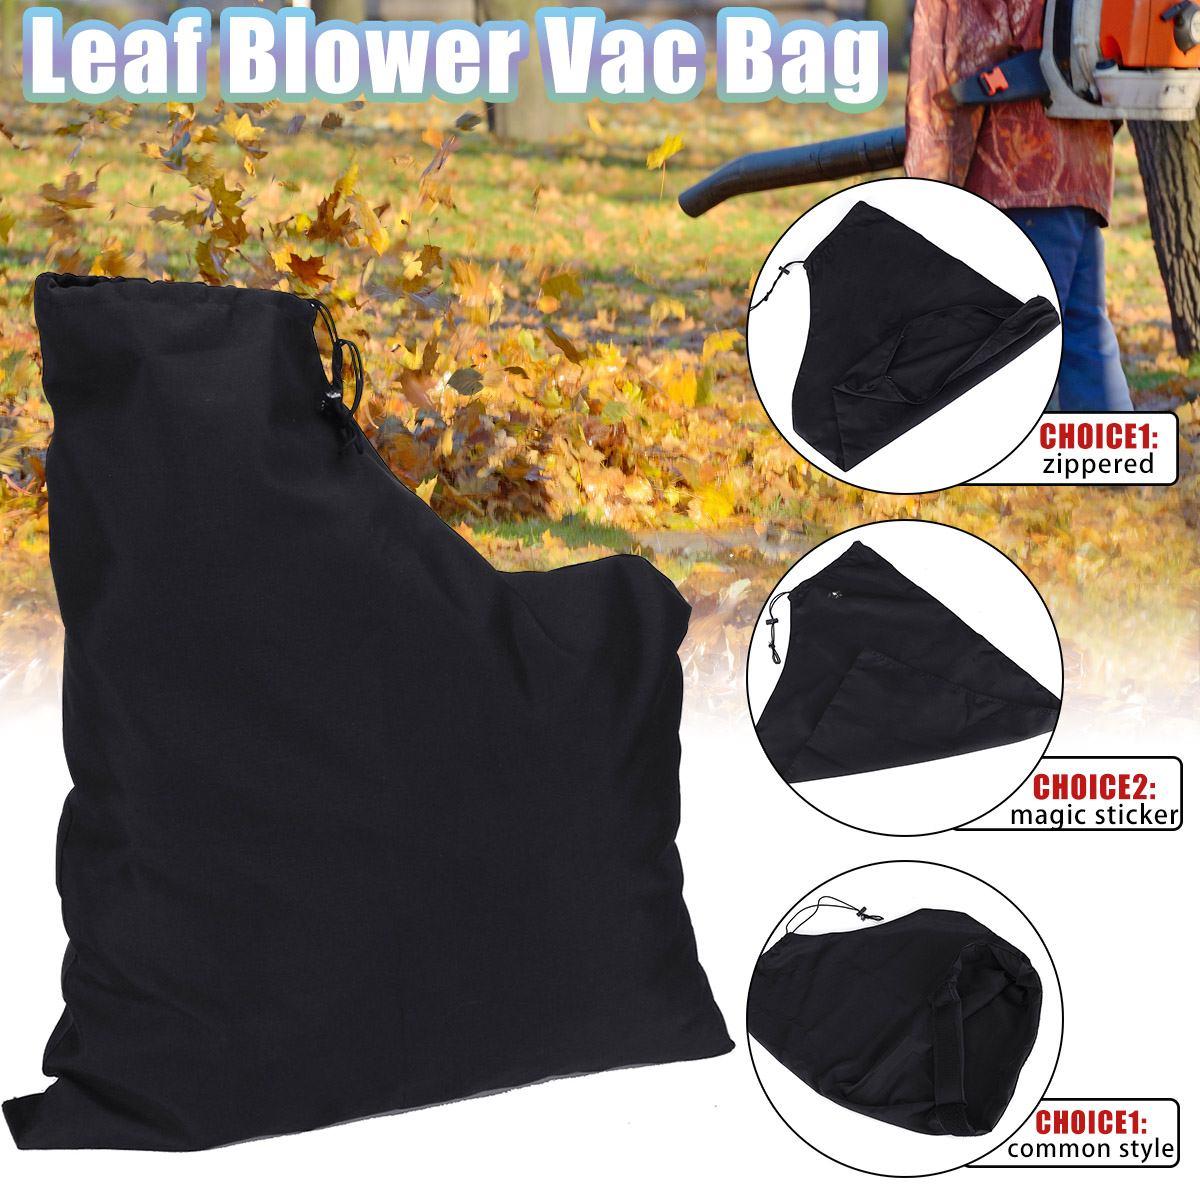 Garden Leaf Blower Vacuum Bag fit Weed Eater Barracuda 2595 Lawn Shredder VAC